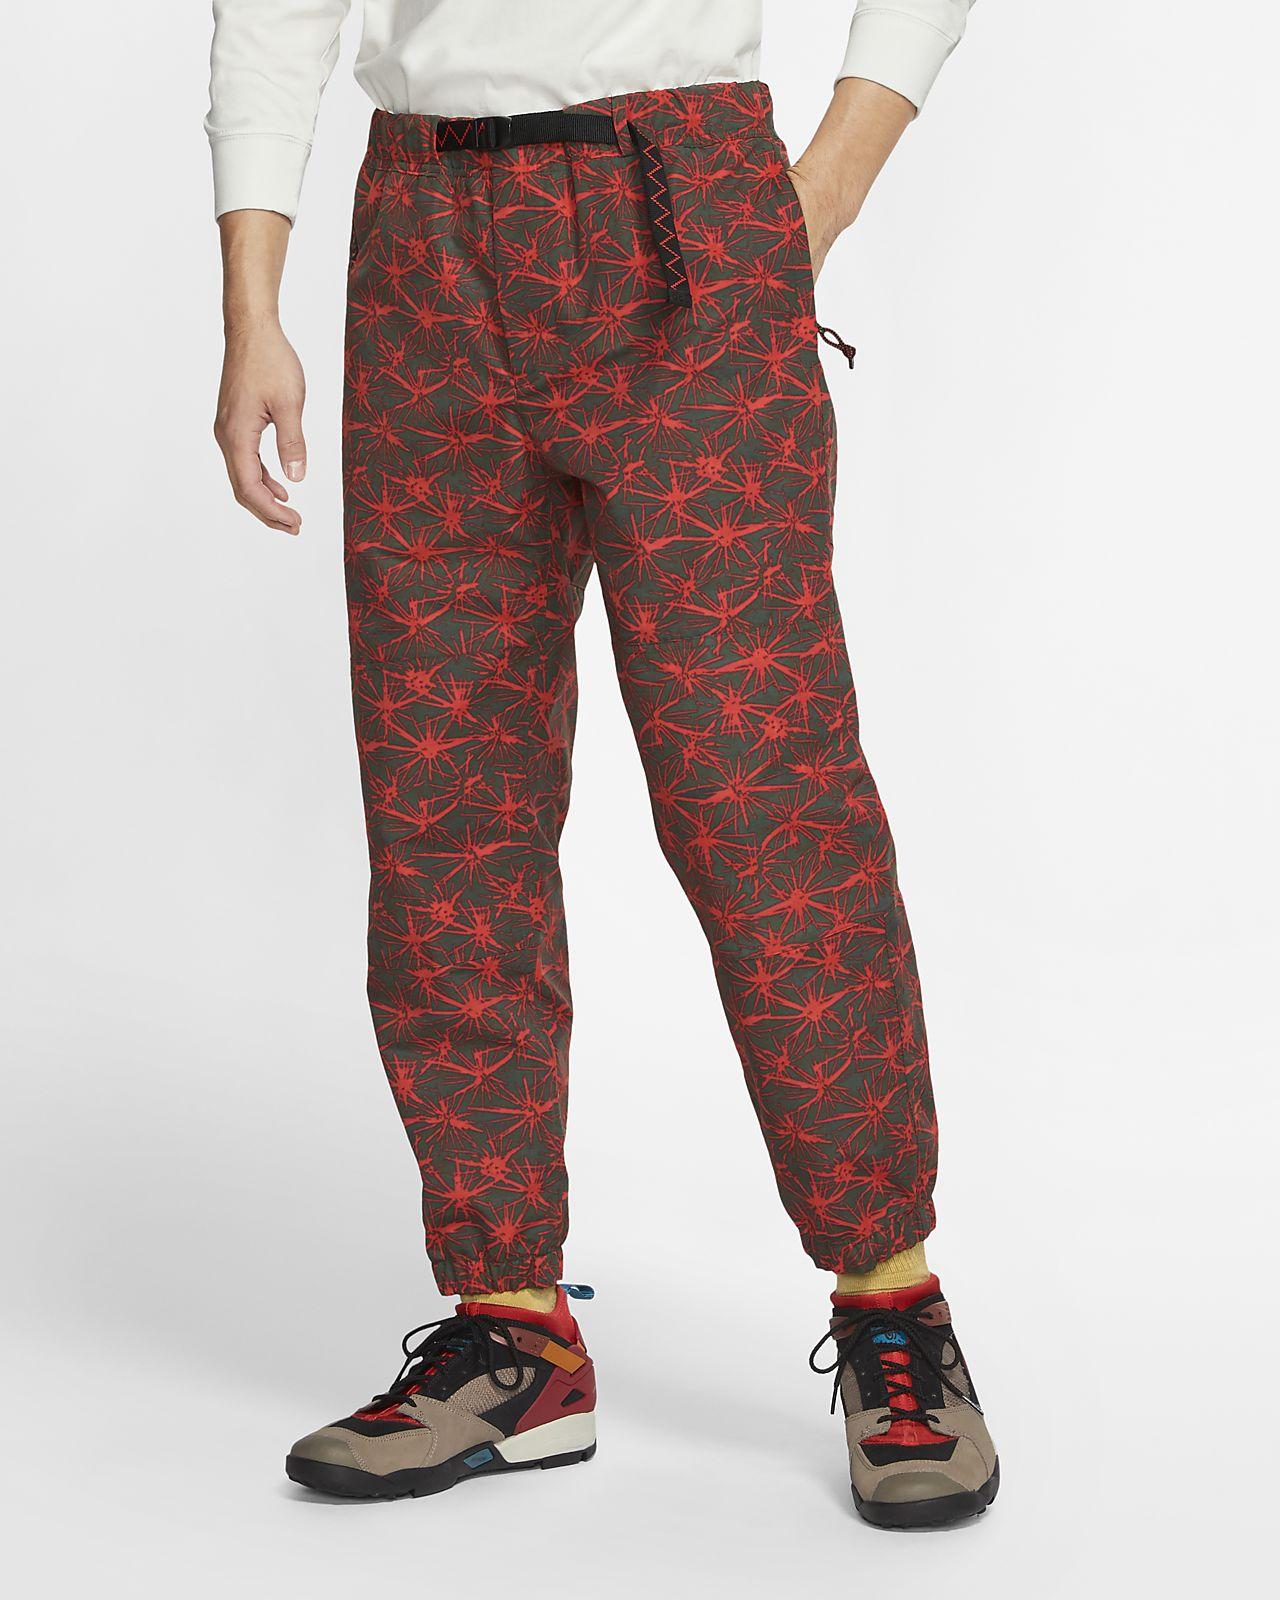 Pantalon de randonnée Nike ACG